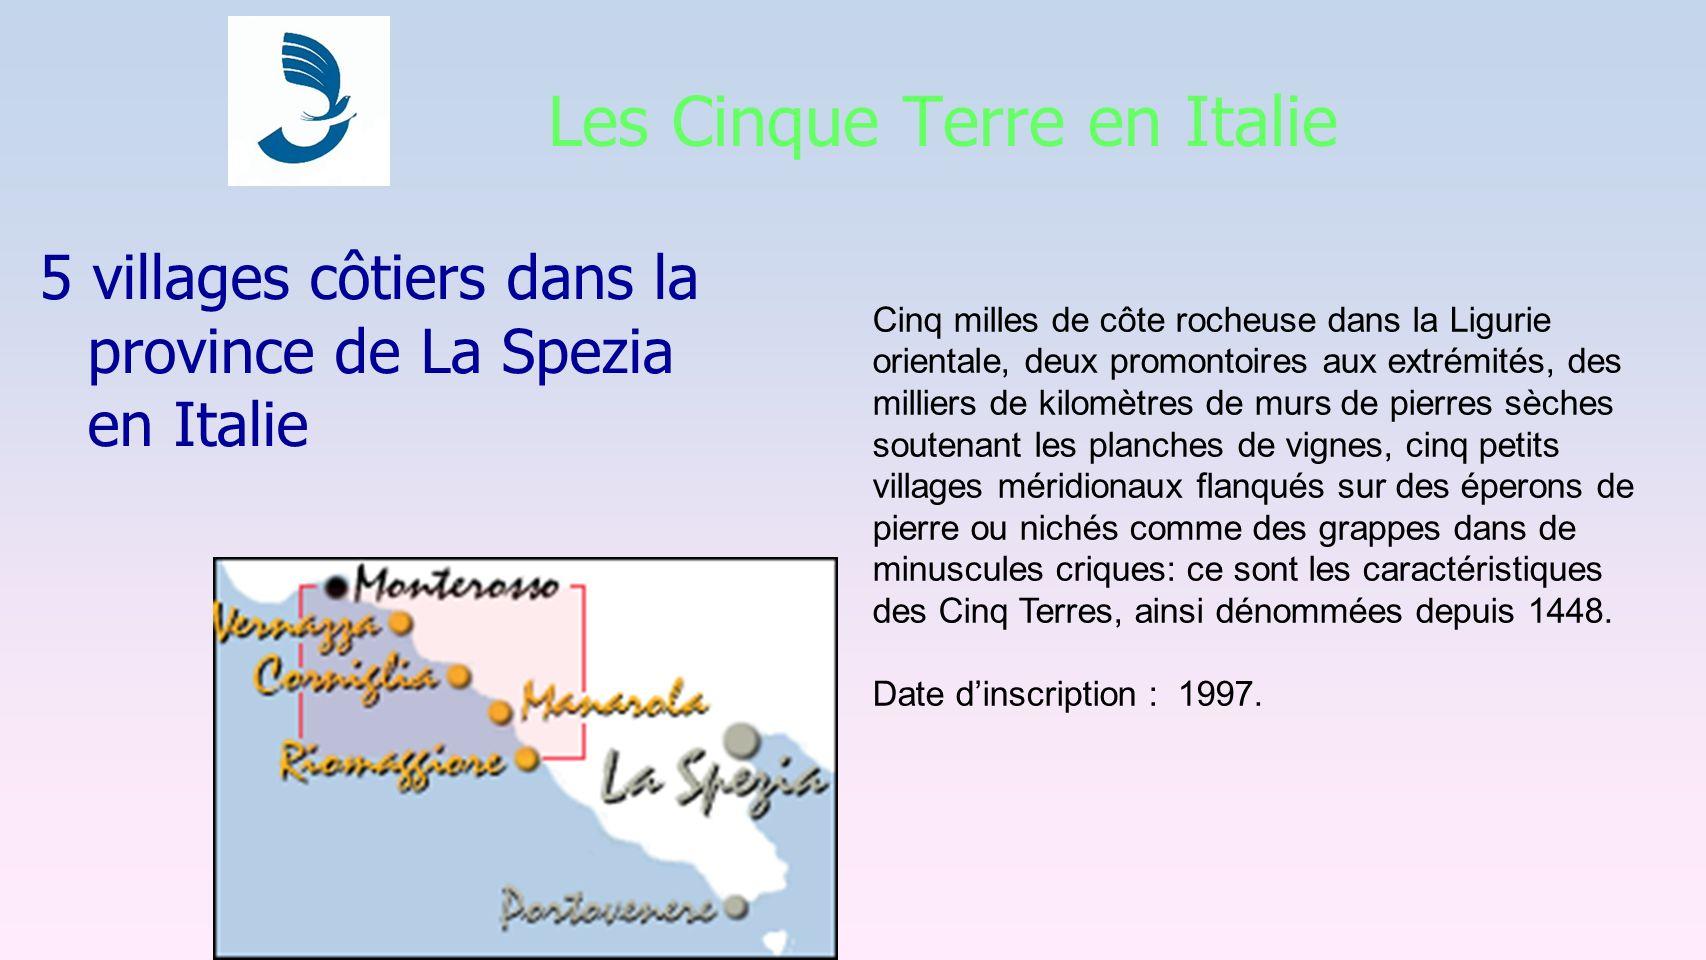 5 villages côtiers dans la province de La Spezia en Italie Cinq milles de côte rocheuse dans la Ligurie orientale, deux promontoires aux extrémités, des milliers de kilomètres de murs de pierres sèches soutenant les planches de vignes, cinq petits villages méridionaux flanqués sur des éperons de pierre ou nichés comme des grappes dans de minuscules criques: ce sont les caractéristiques des Cinq Terres, ainsi dénommées depuis 1448.